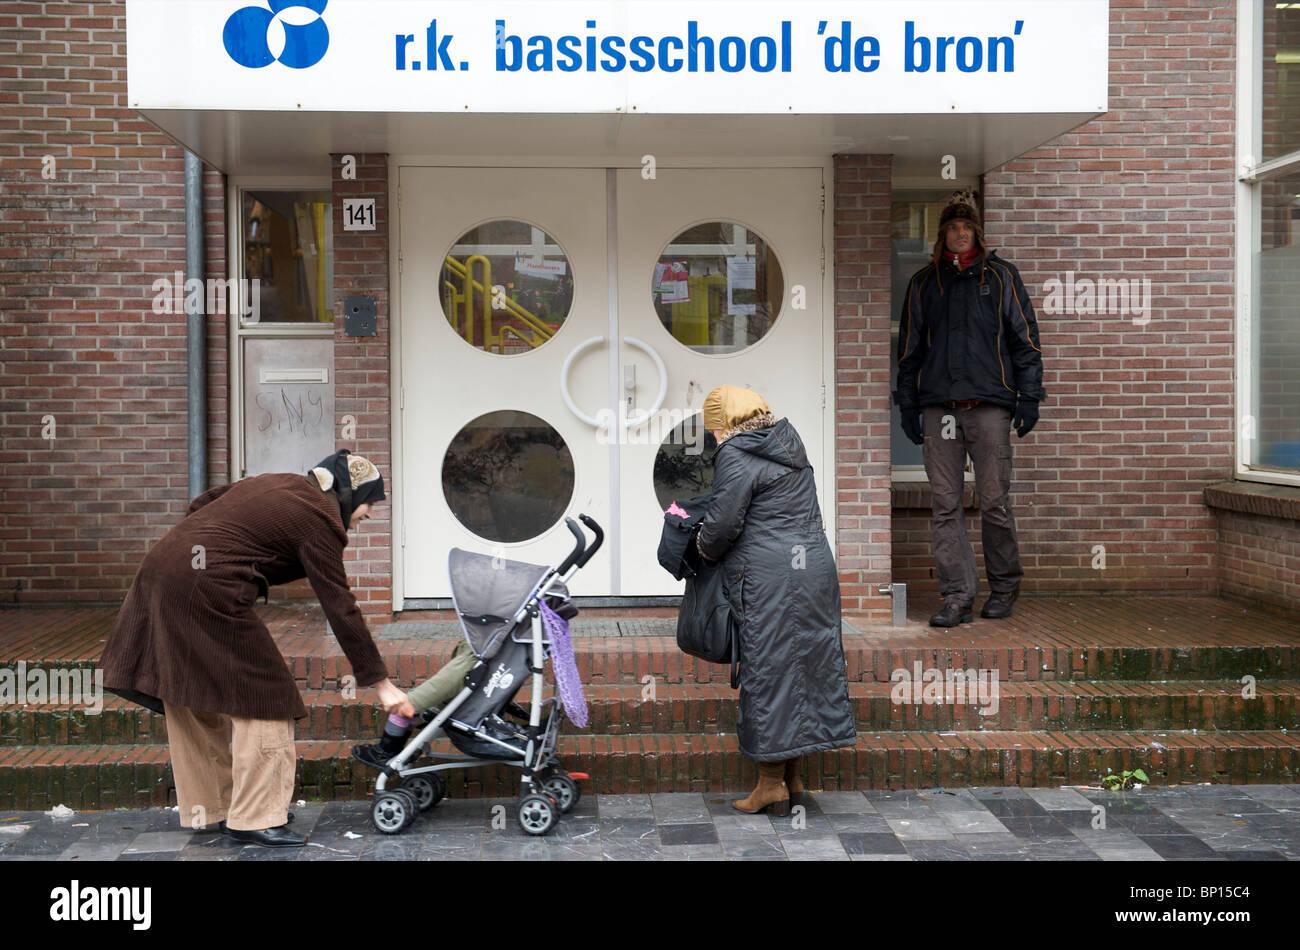 Amsterdam, oud west, l'moslima wachten op hun kinderen bij de RK basisschool de bron Banque D'Images